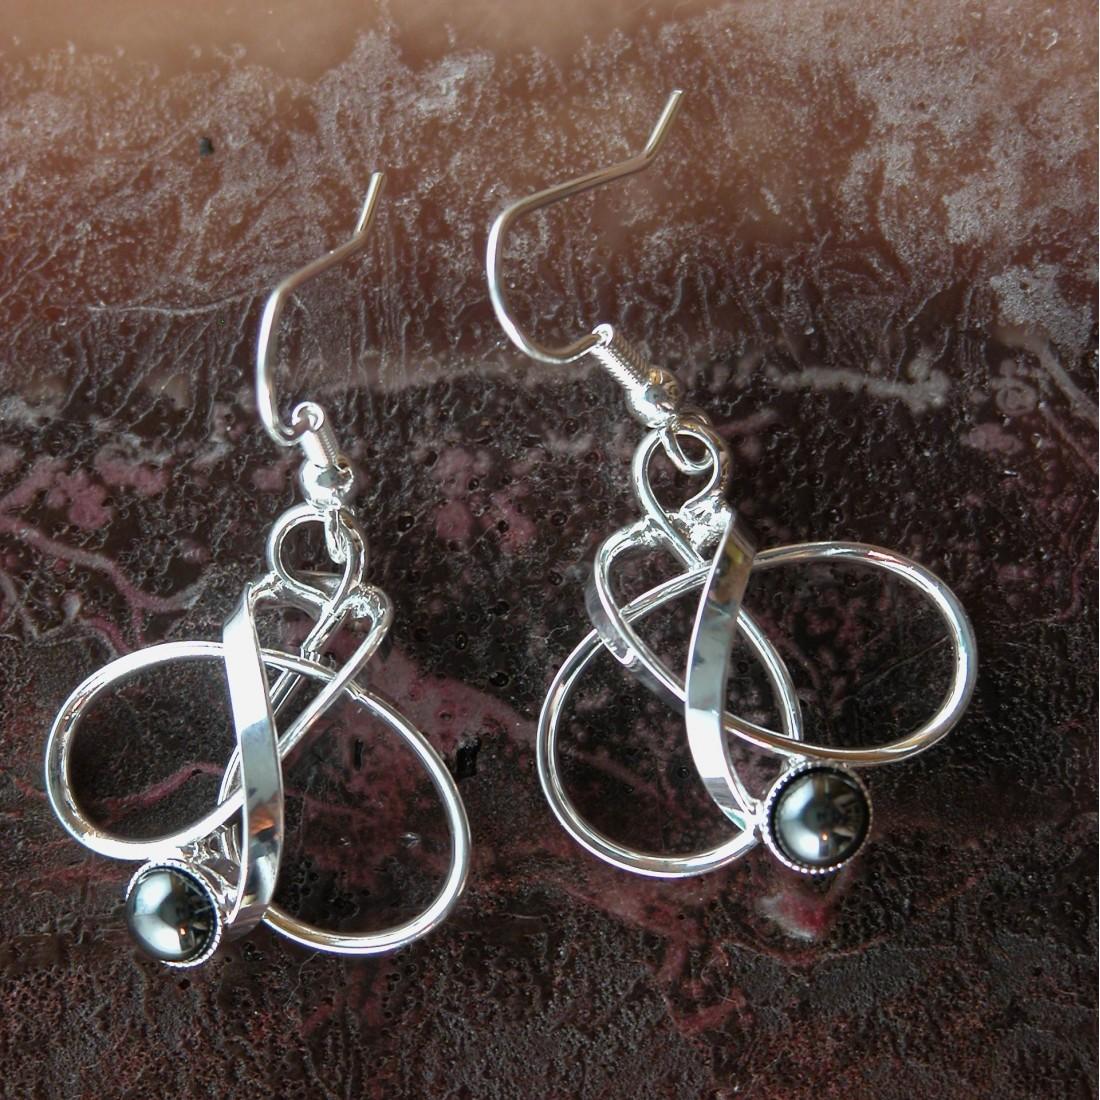 Boucles d'oreilles fantaisie, pierre noire hématite